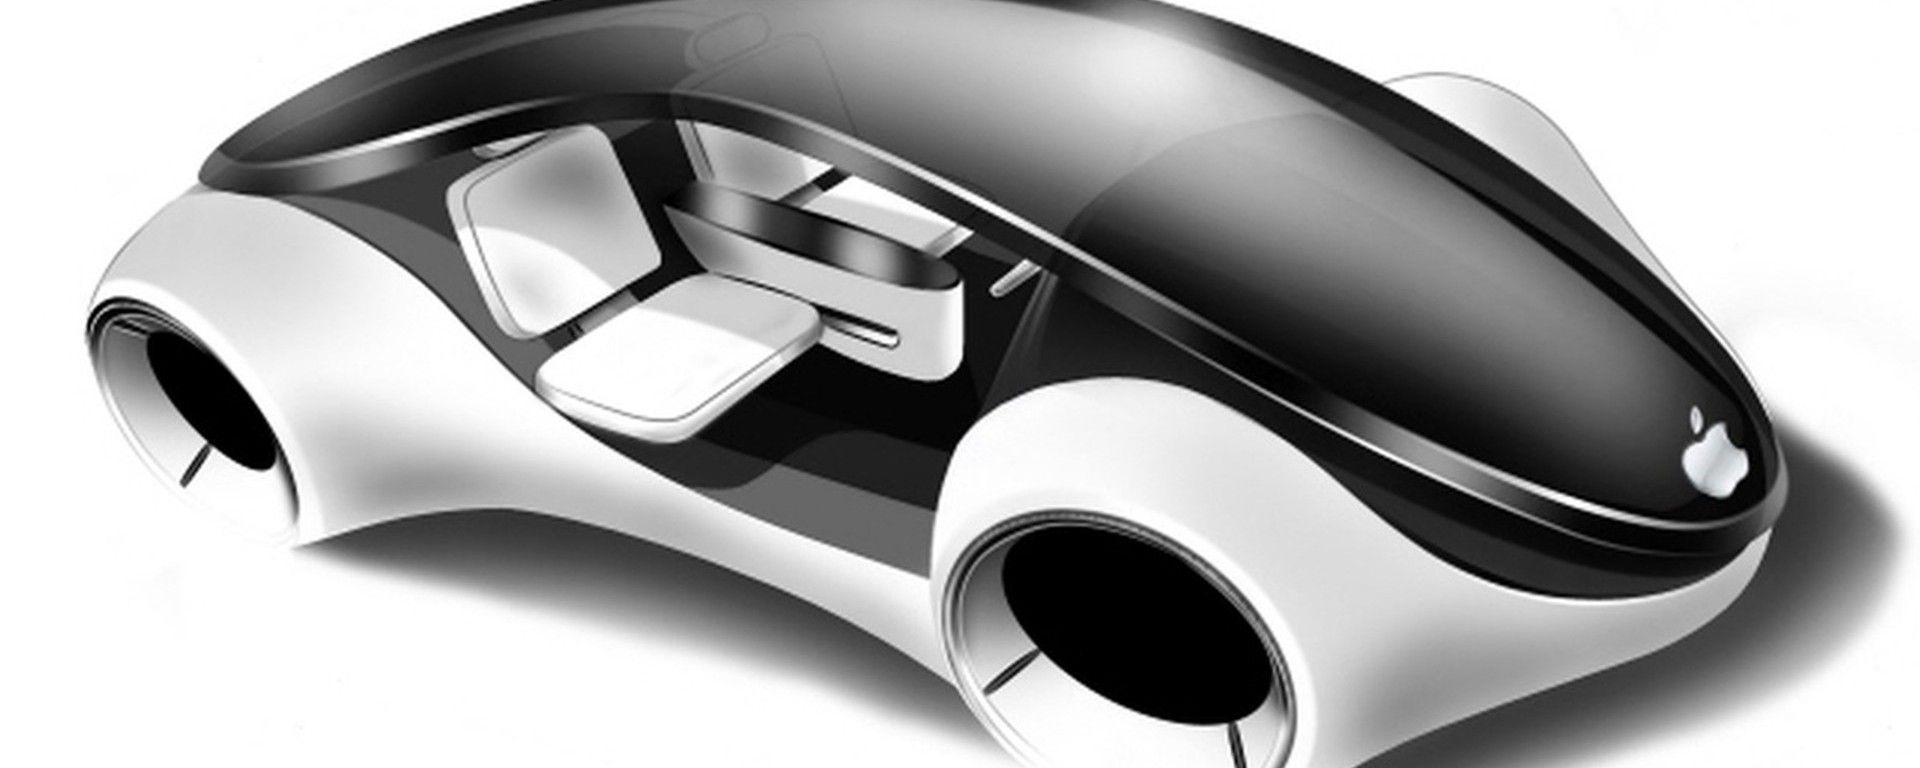 Apple Car: chi la farà? Ora spunta Magna Steyr e Giugiaro si candida